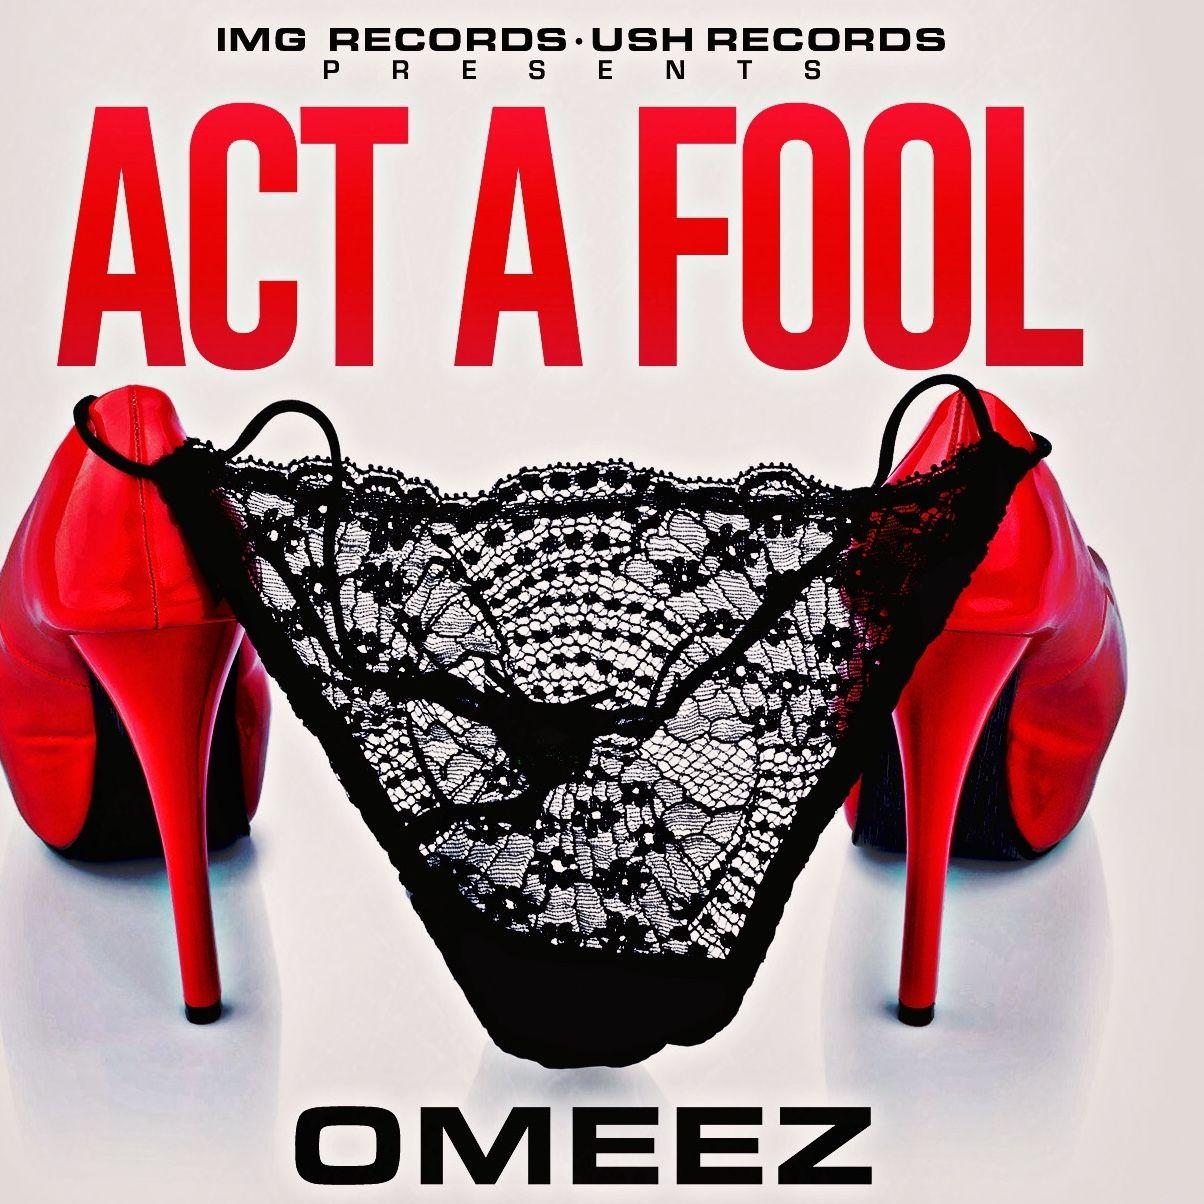 Lyrics containing the term: act a fool